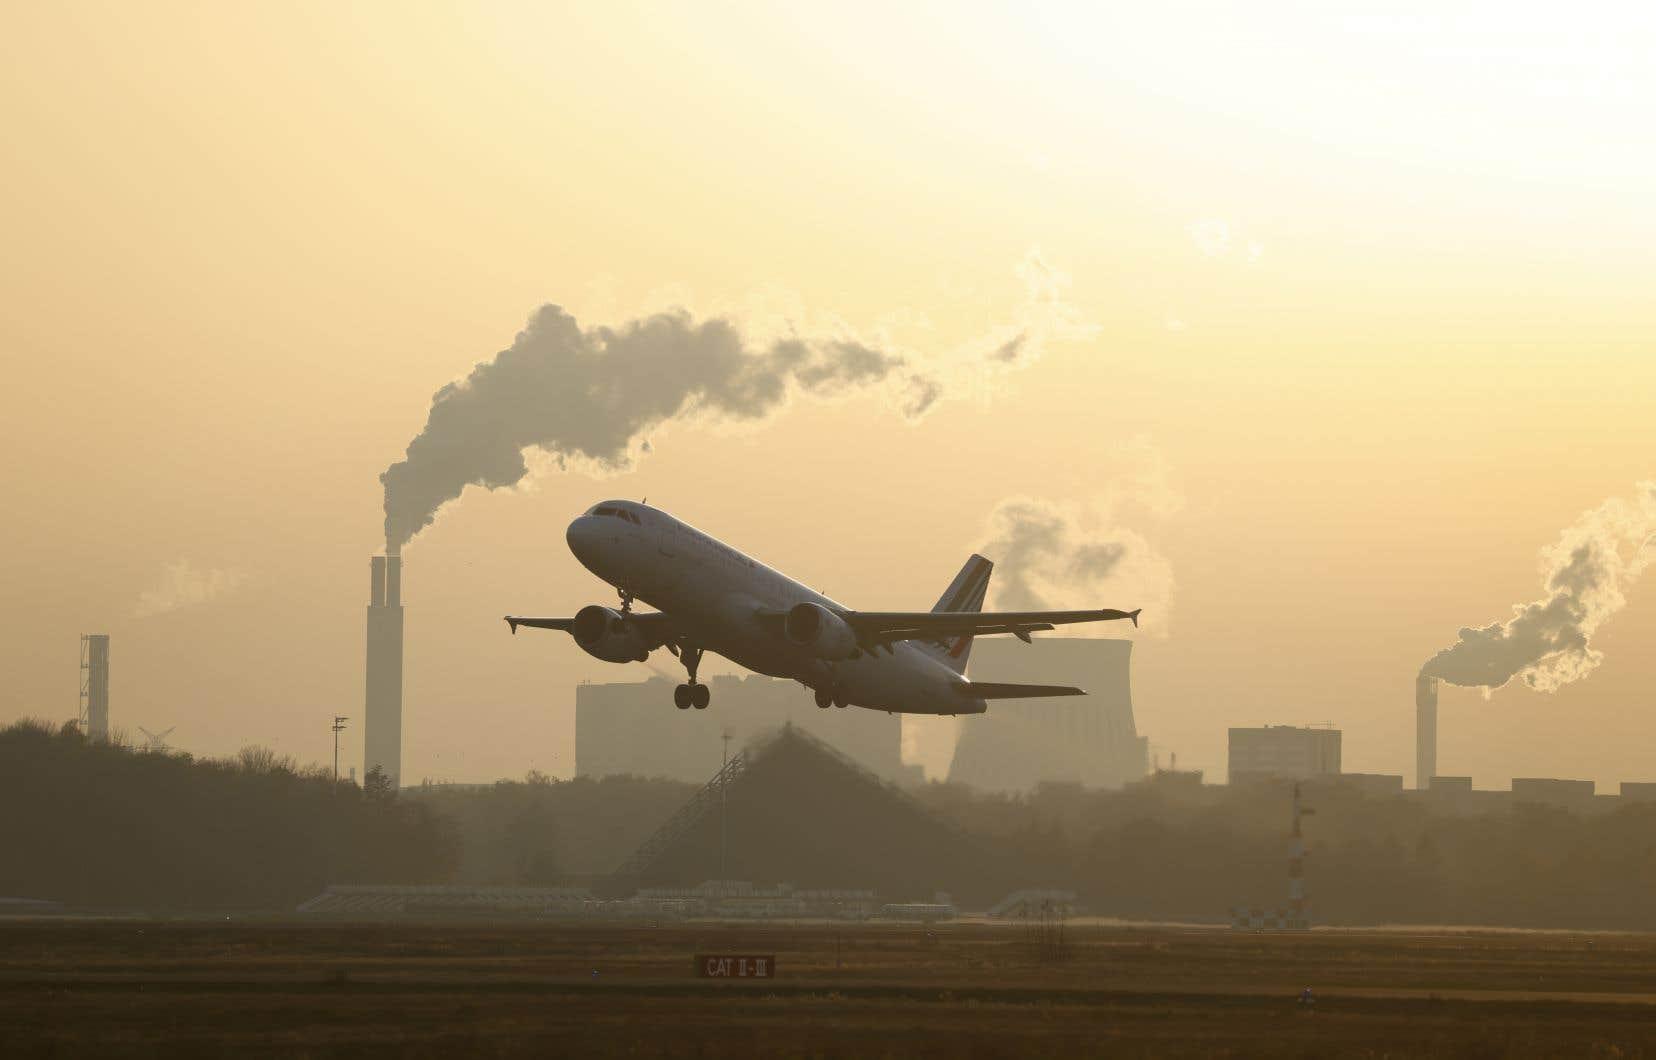 Le projet de loi intégrant la protection de l'environnement dans la Constitution a été adopté mercredi en Conseil des ministres en France.